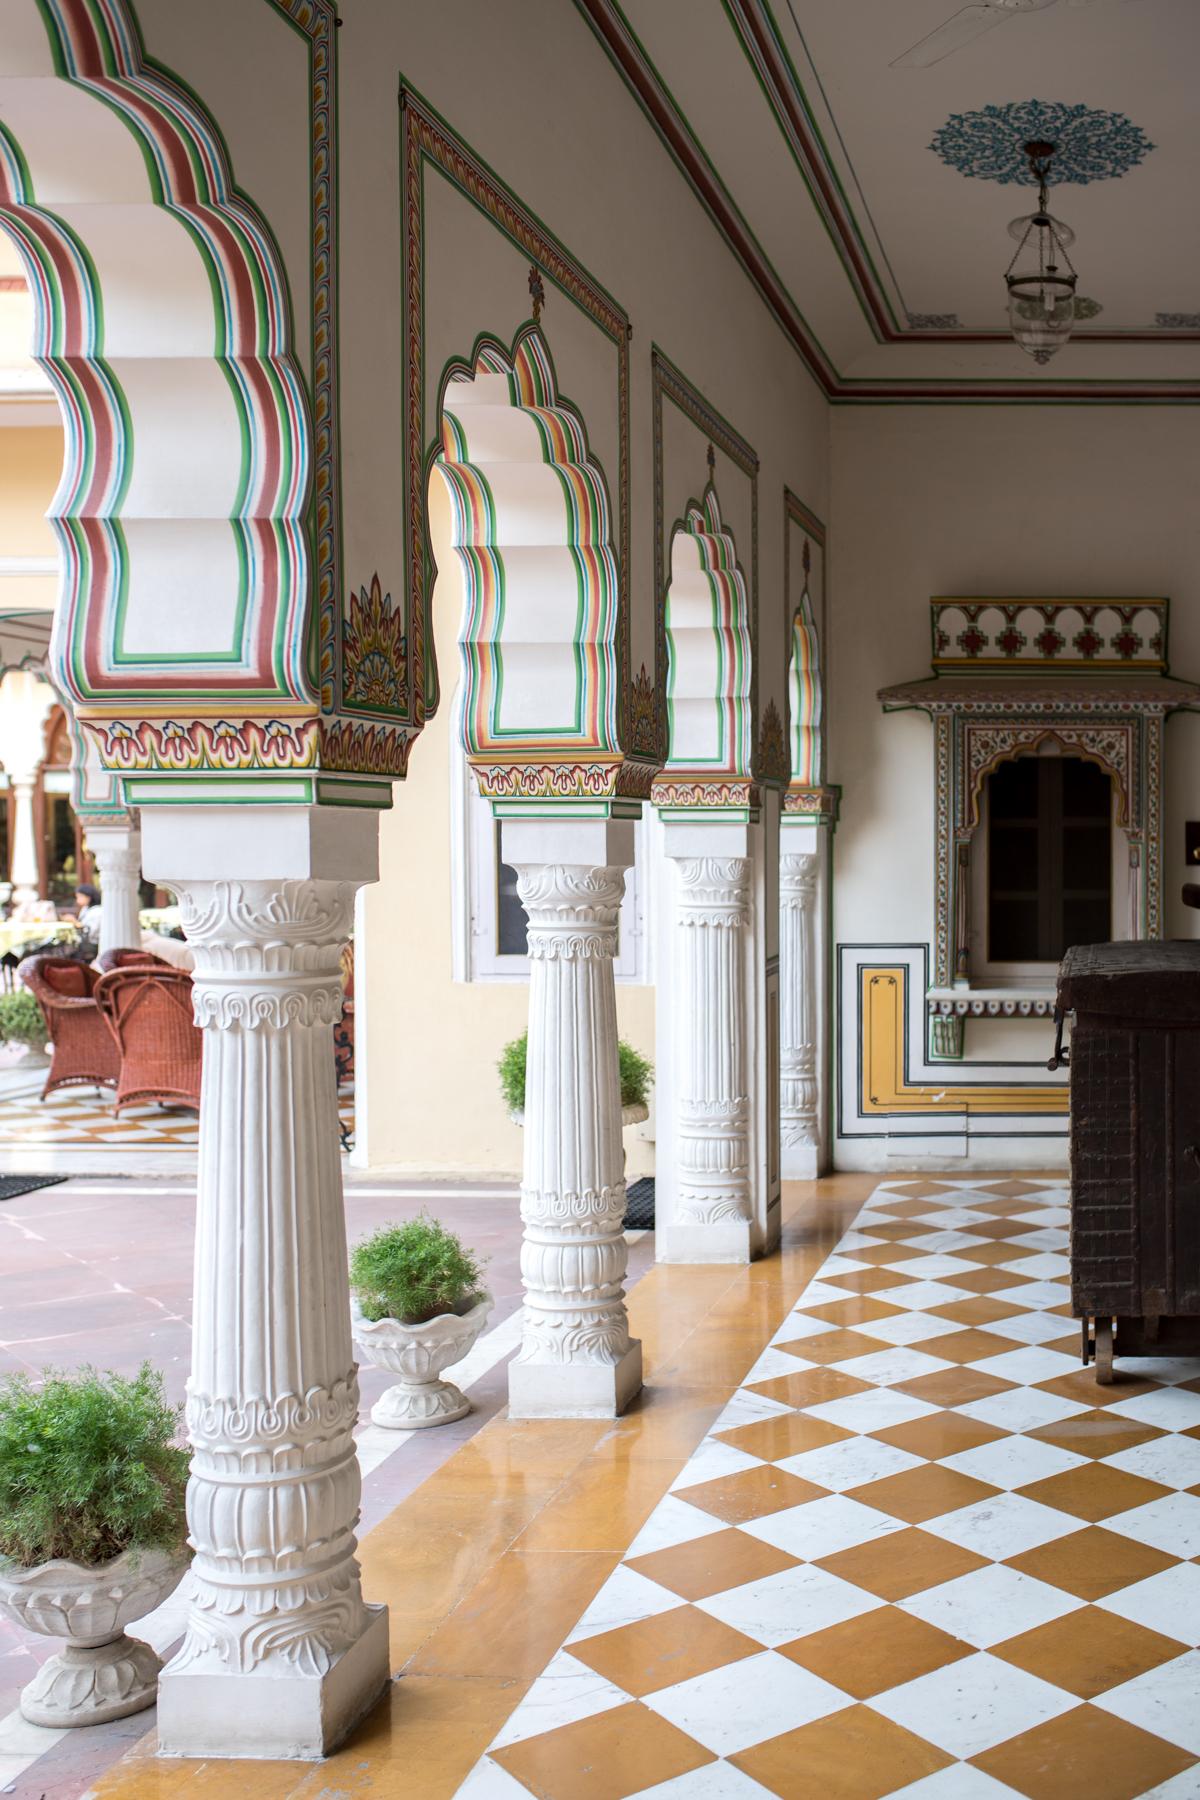 Stacie Flinner City Palace Jaipur 10 Best -2.jpg